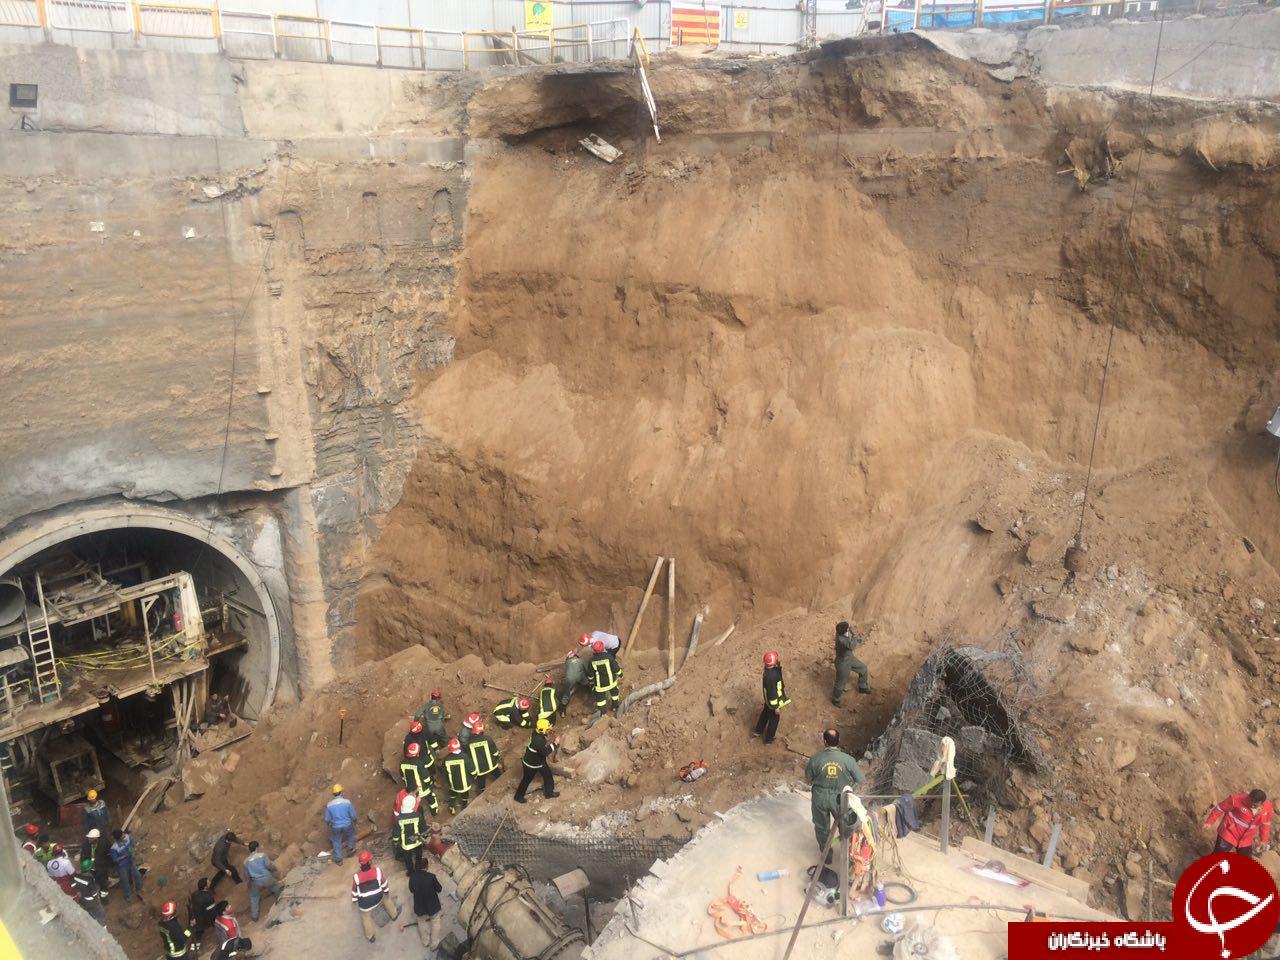 فرو ریختن تونل مترو در قم + تصاویر